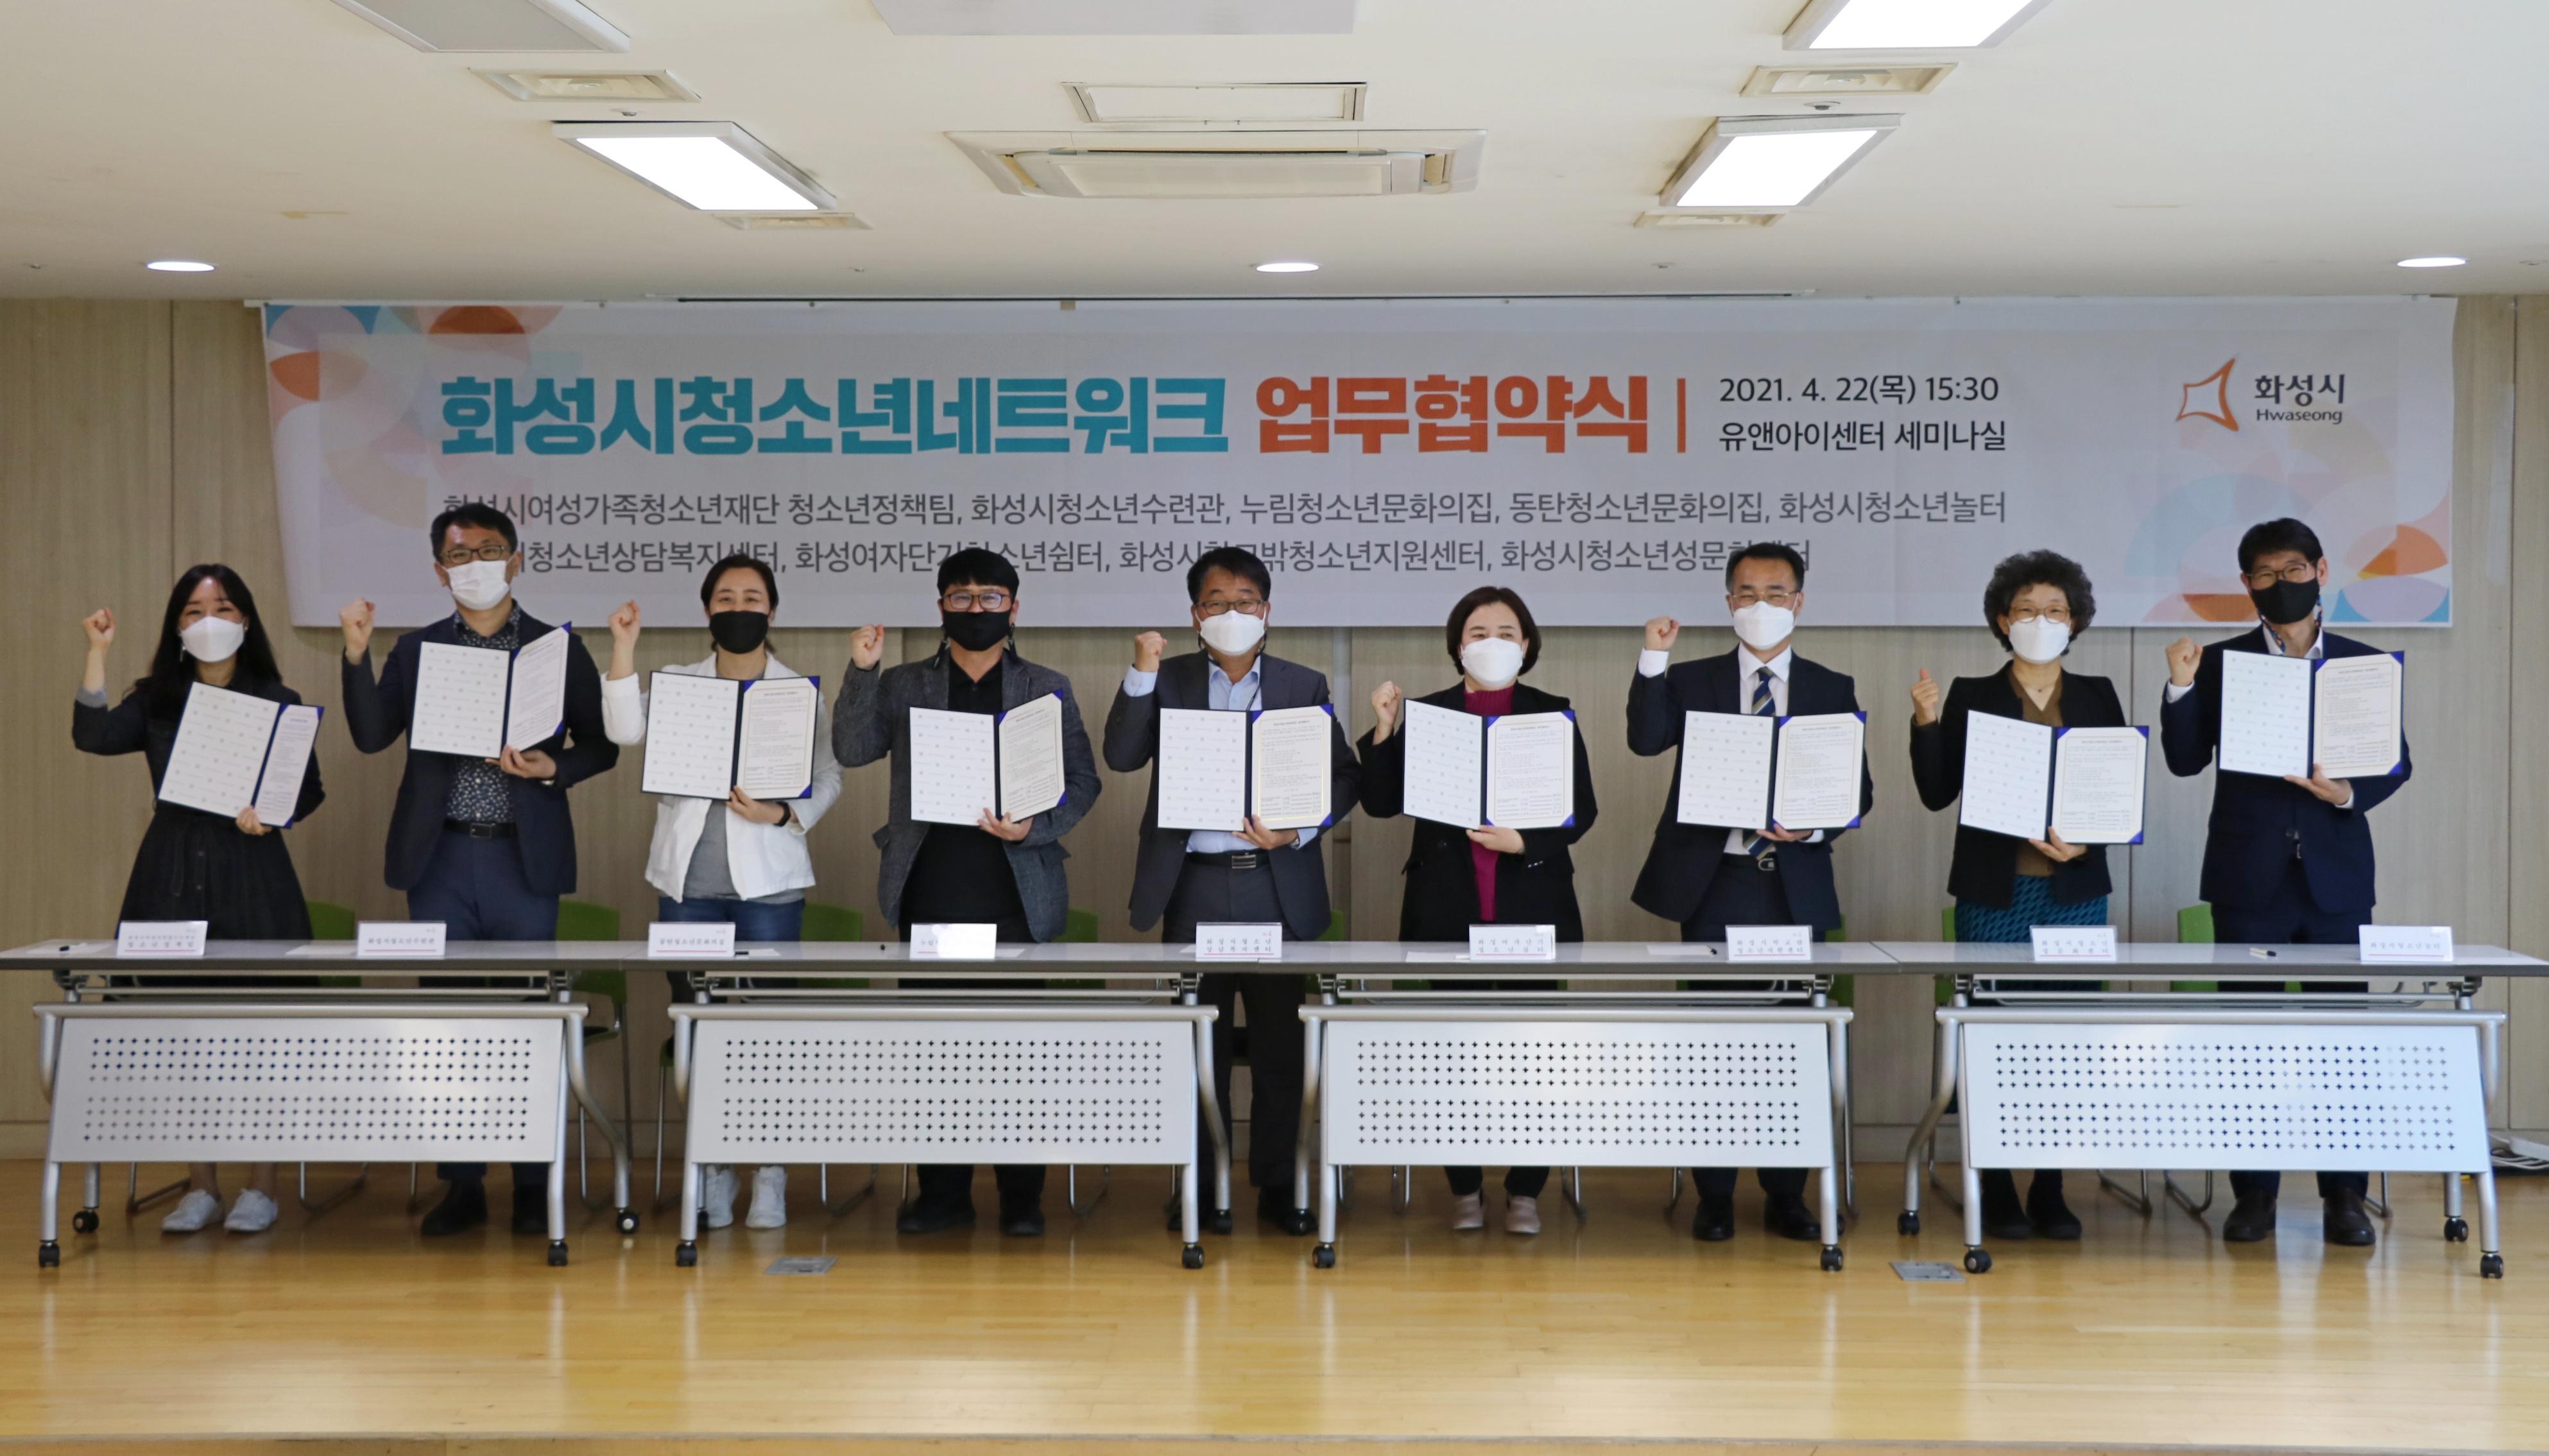 화성시여성가족청소년재단, '2021 화성시청소년네트워크 업무협약' 체결 (2021. 4. 23.)